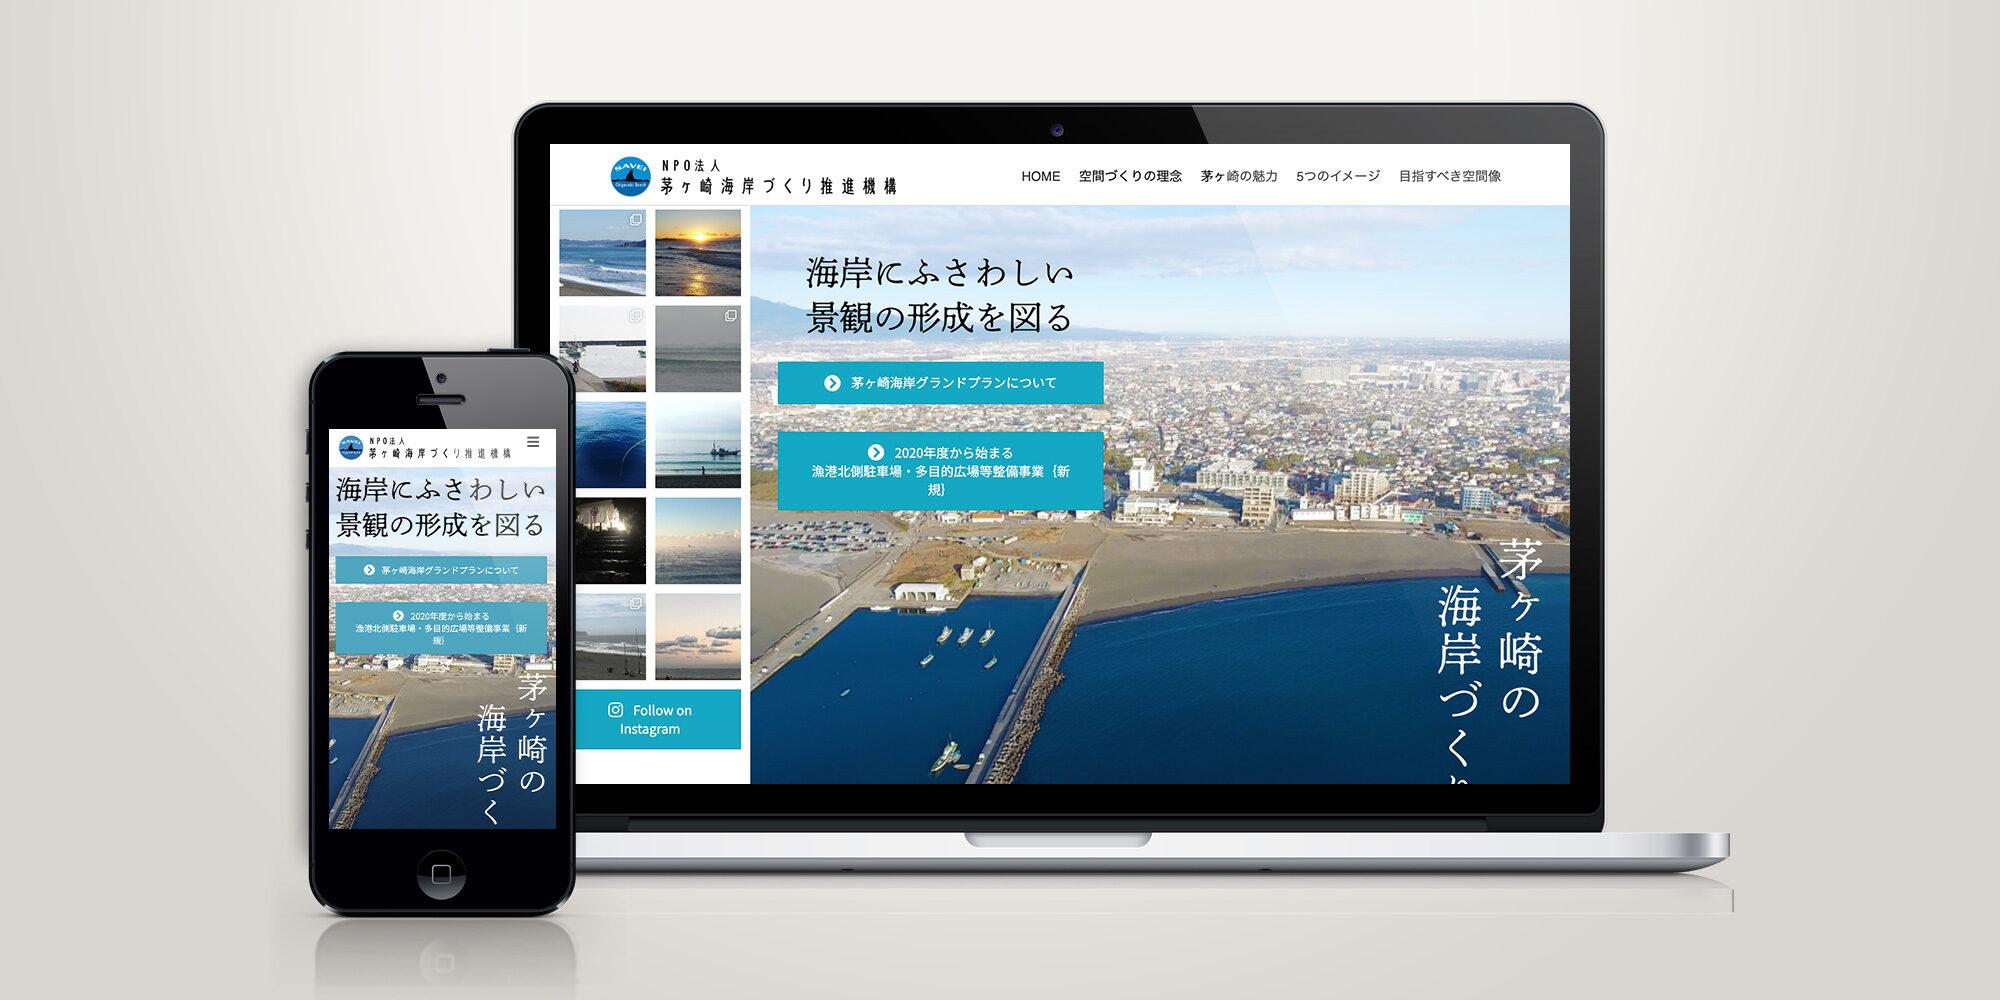 茅ヶ崎の海岸づくりを推進している NPO法人茅ヶ崎海岸づくり推進機構 ホームページ制作